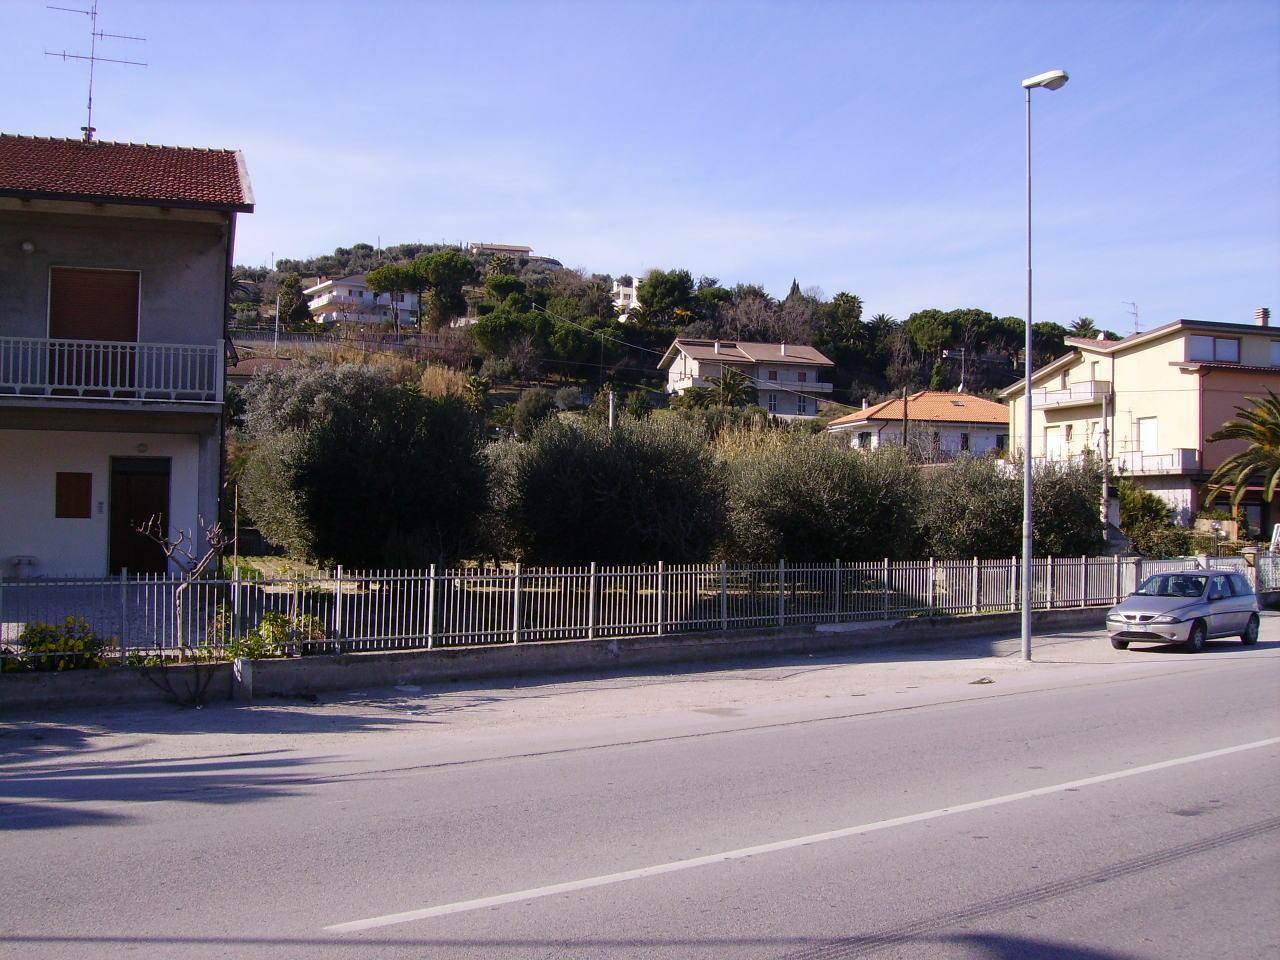 Terreno Edificabile Residenziale in vendita a Martinsicuro, 9999 locali, zona Località: Residenziale, Trattative riservate | CambioCasa.it